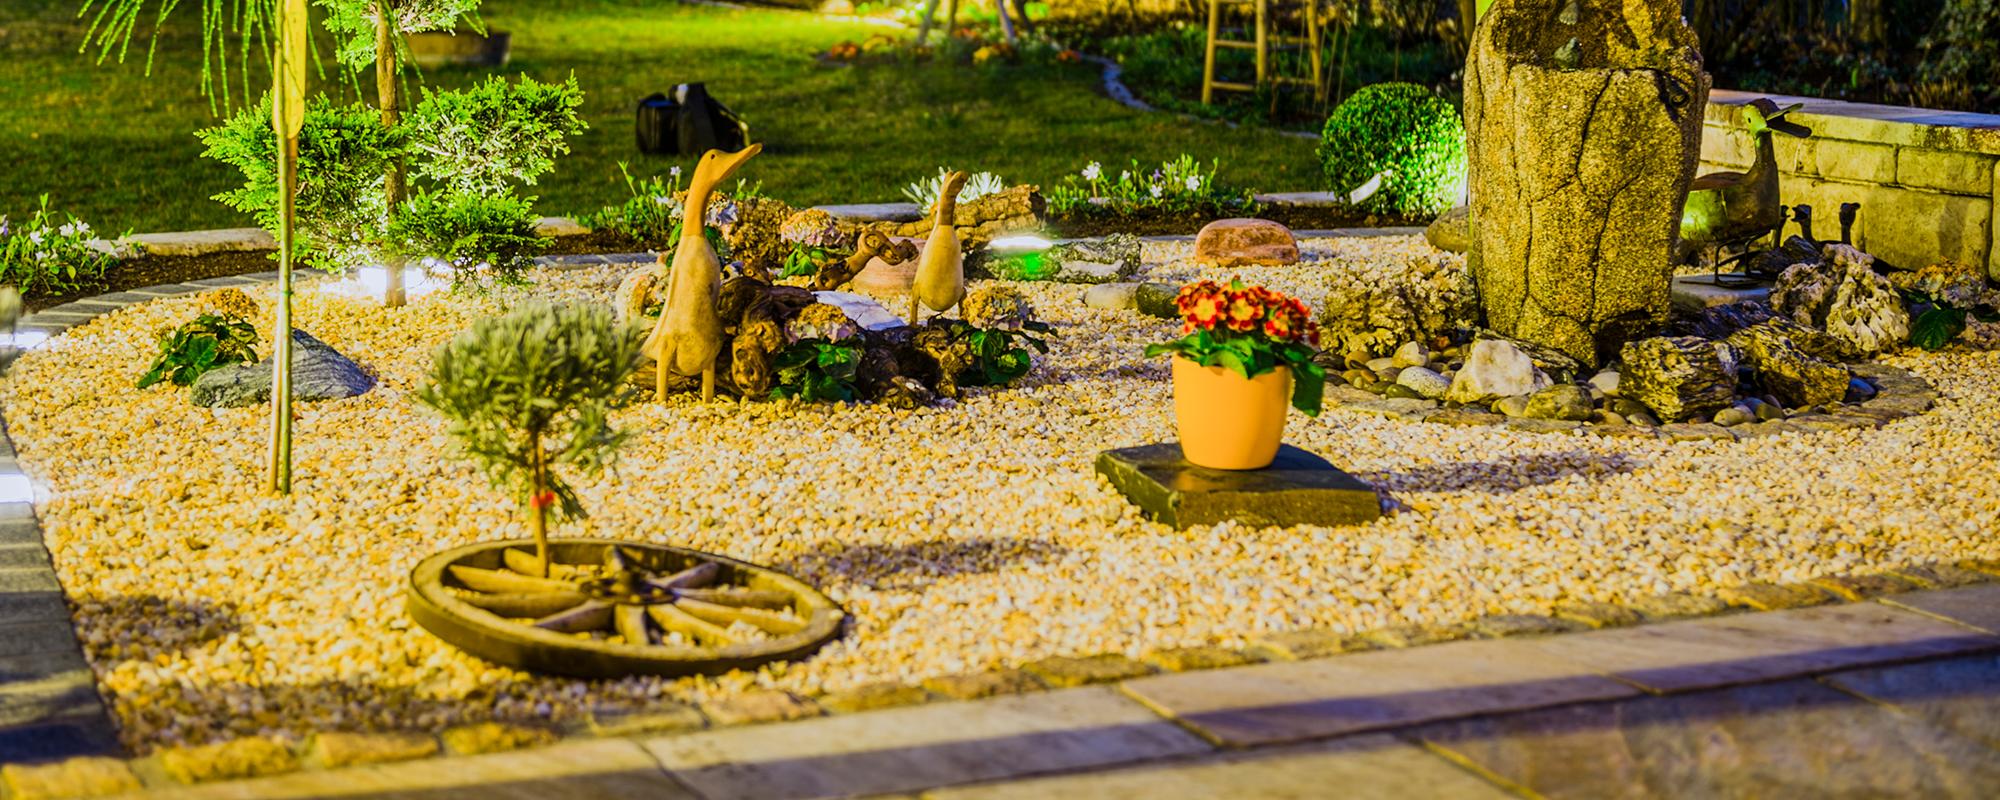 naturgarten bayern professoneller landschafts und gartenbau f r m nchen und oberbayern. Black Bedroom Furniture Sets. Home Design Ideas